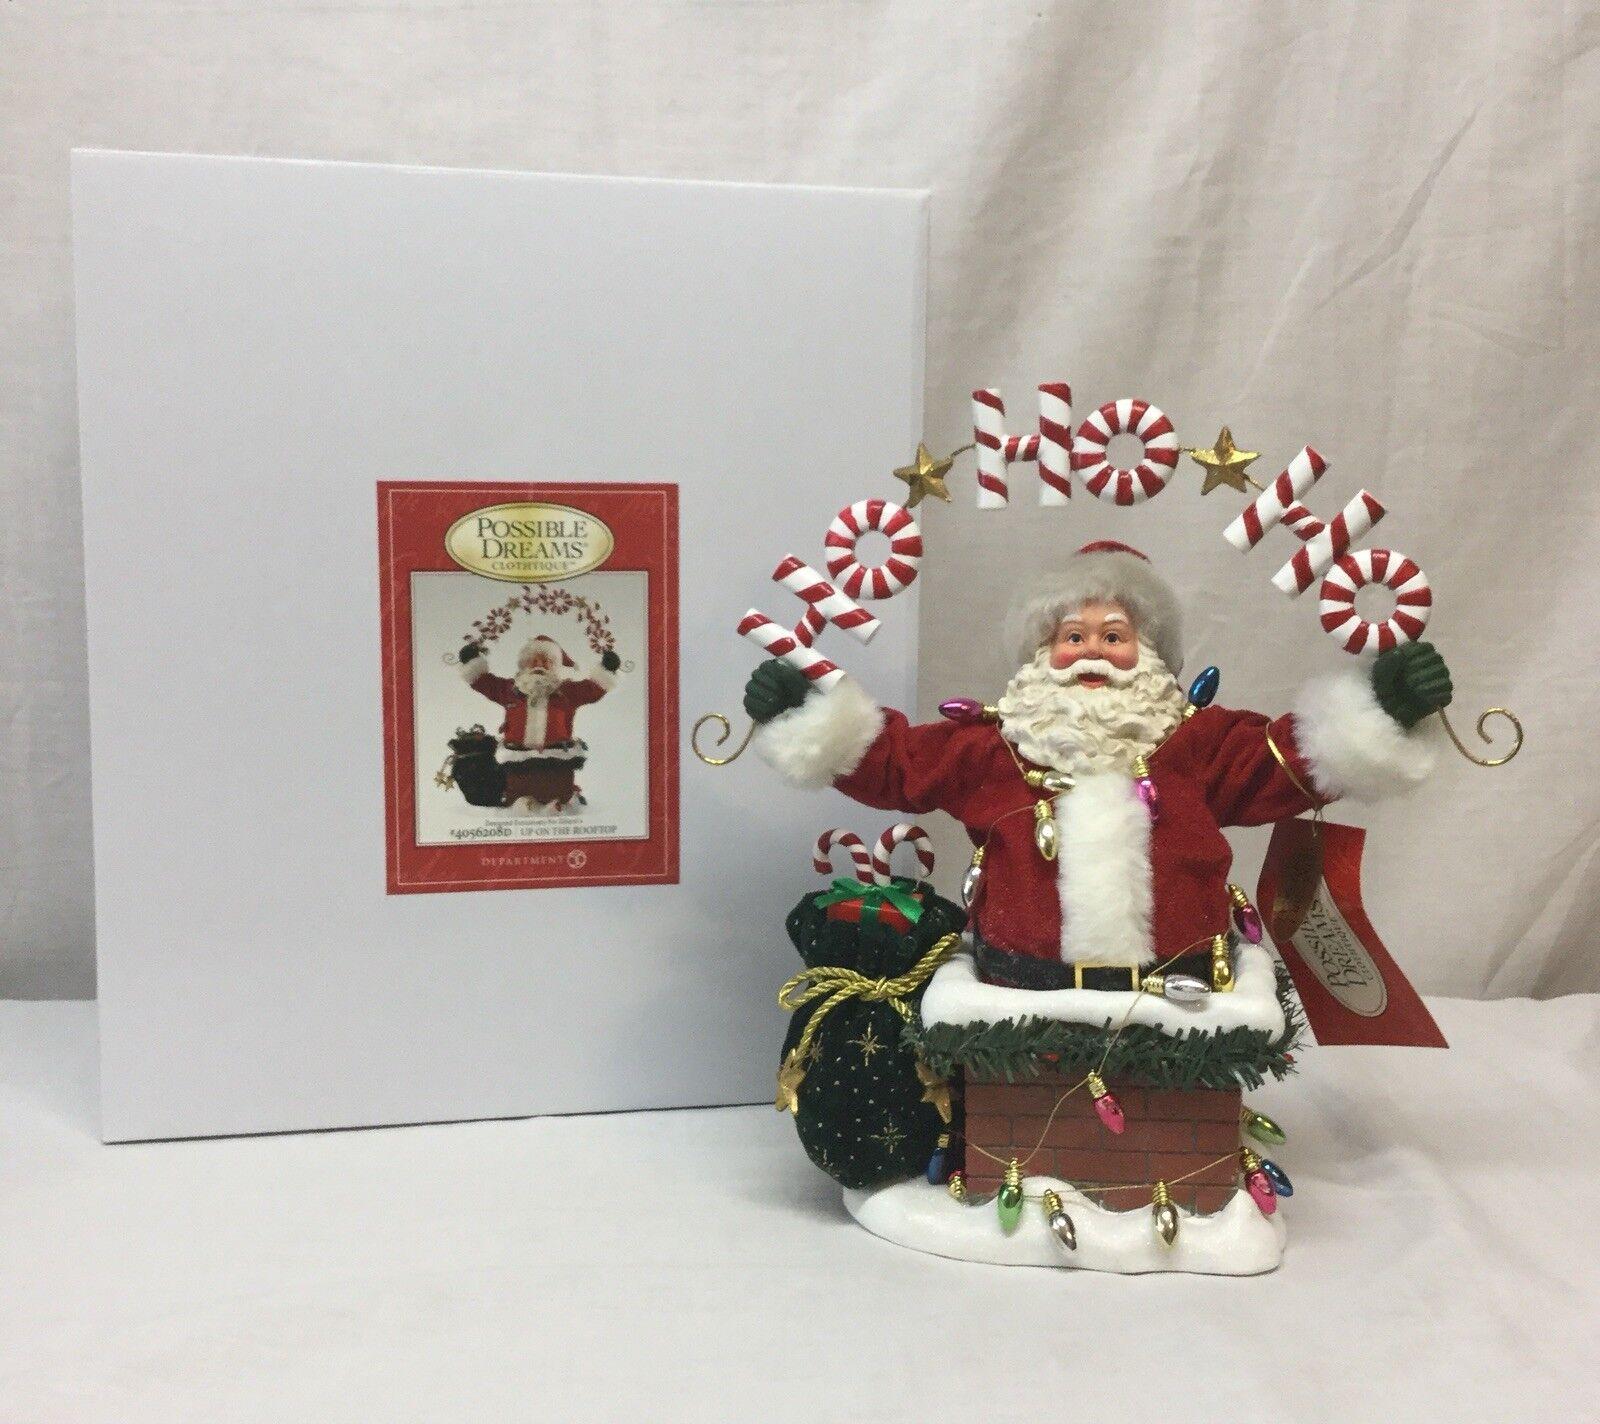 Department 56-possible Dreams Santa -  en el tejado  4056208D-Nuevo En Caja